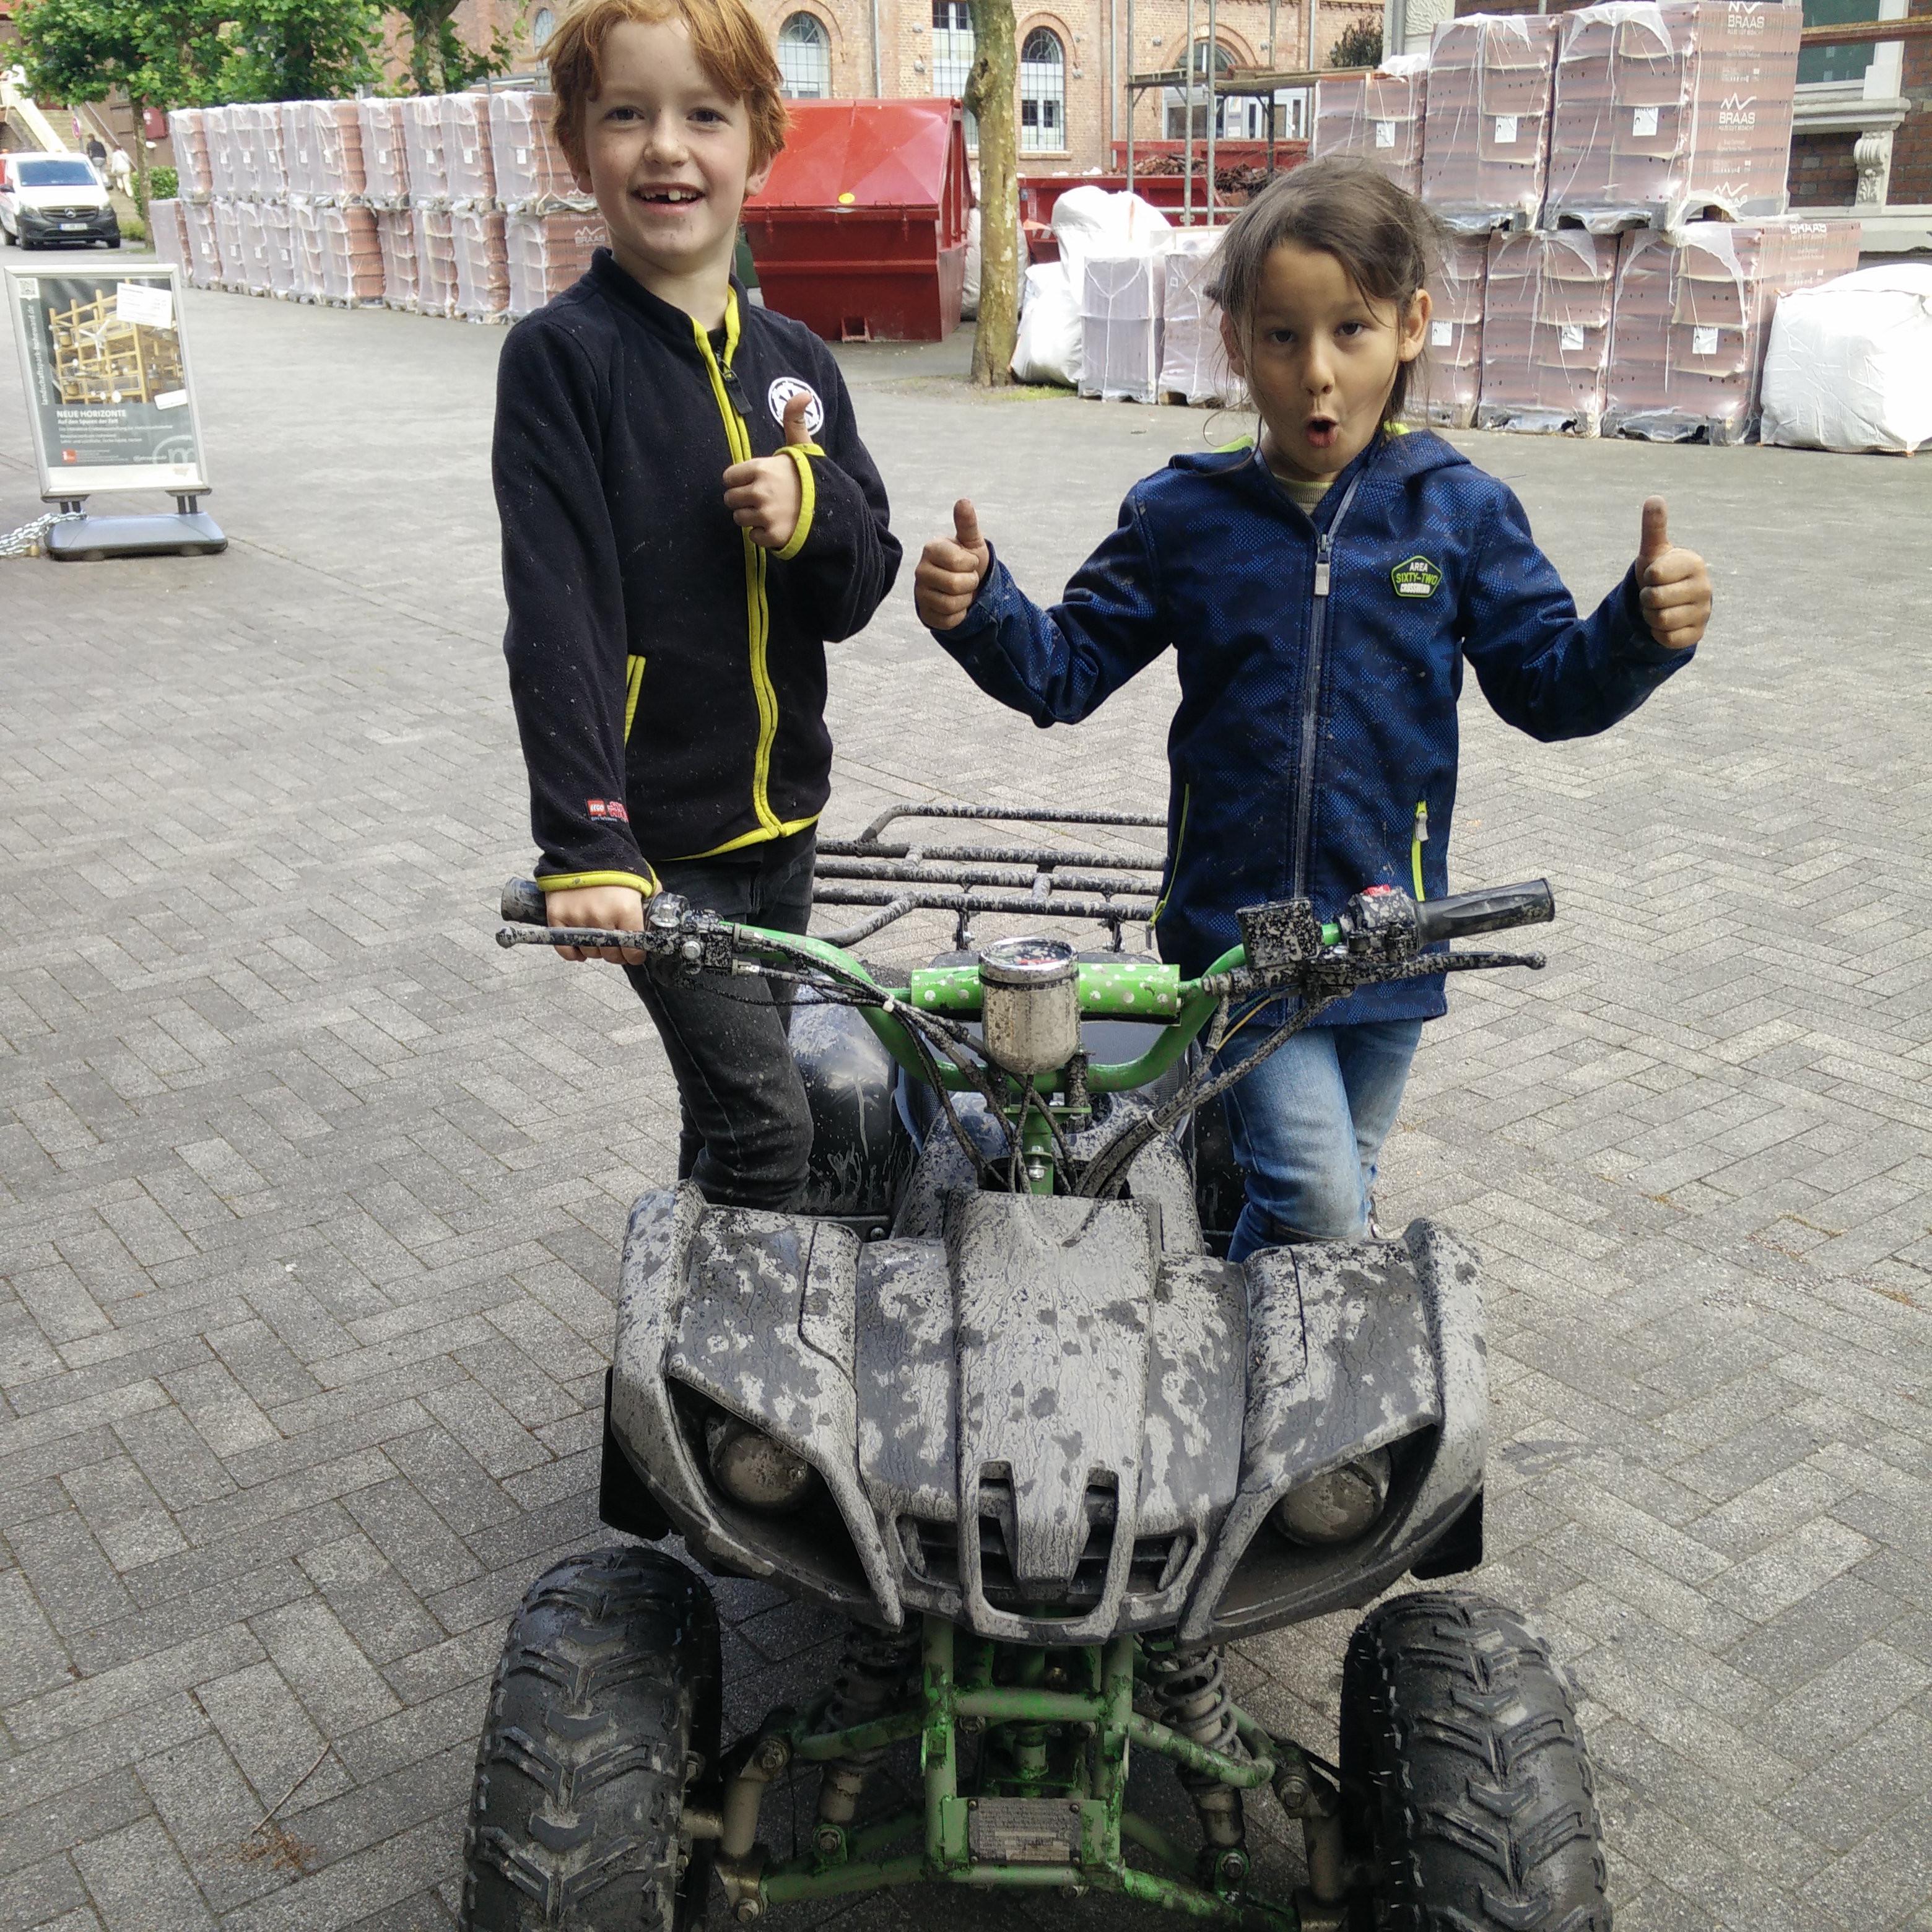 Kinder Quad Tour